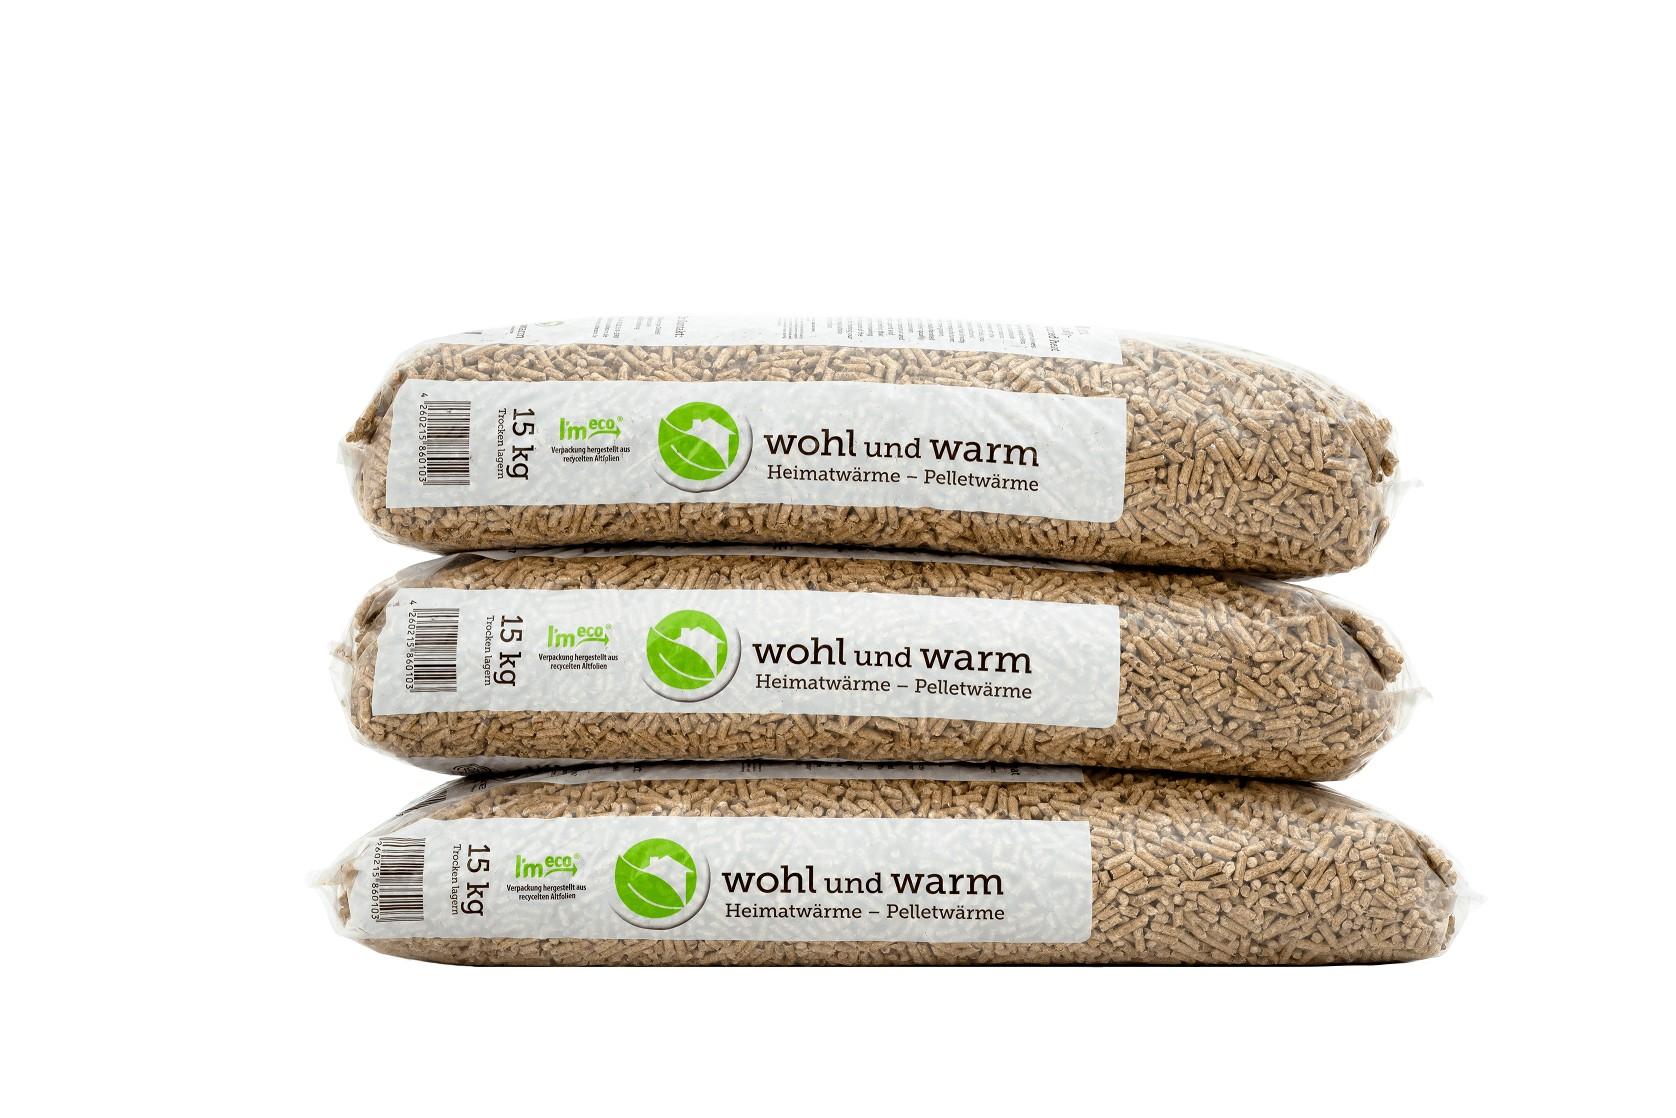 wohl und warm-Holzpellets Sackware nun auch im Lagerverkauf der Karl Hemer GmbH erhältlich